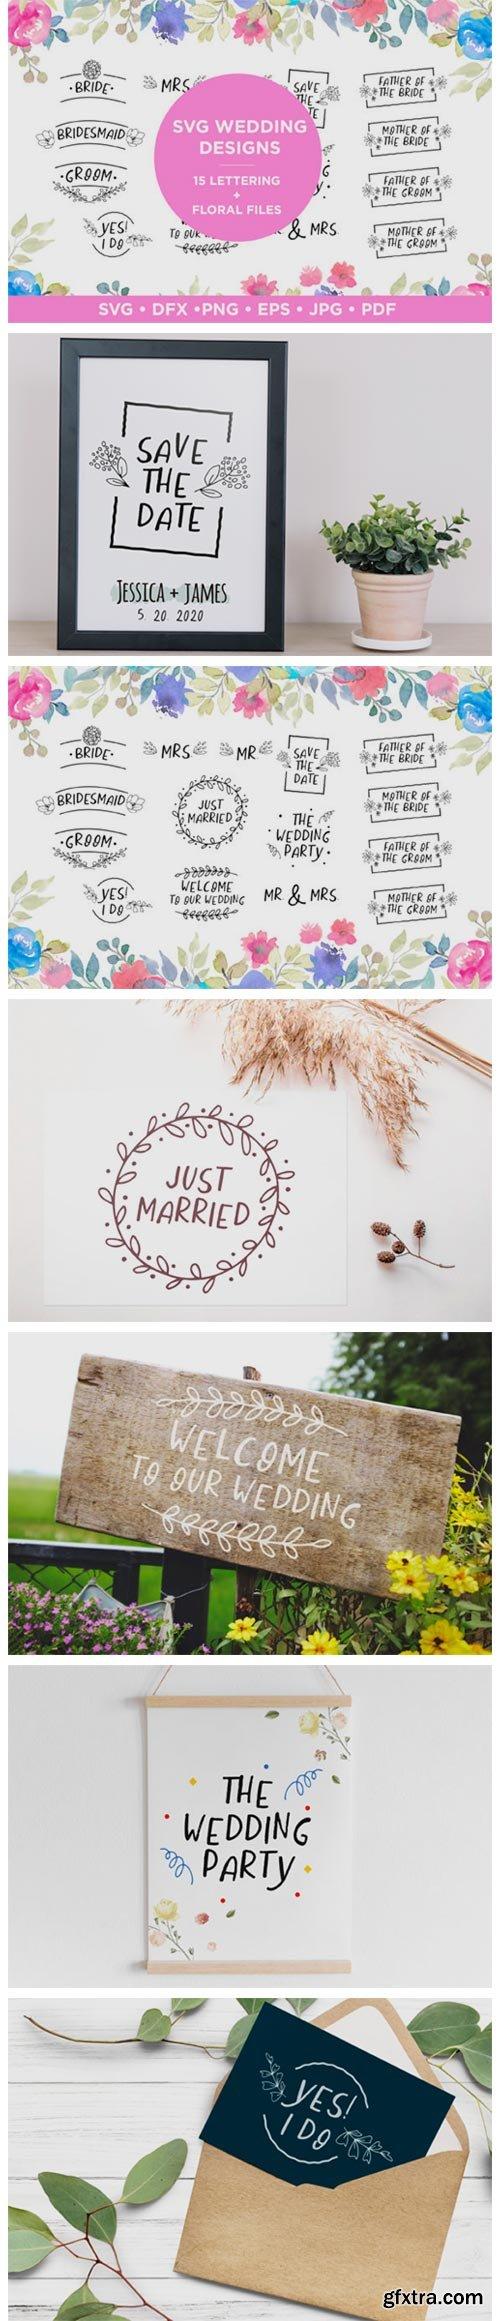 Wedding Lettering Designs Bundle 2466033